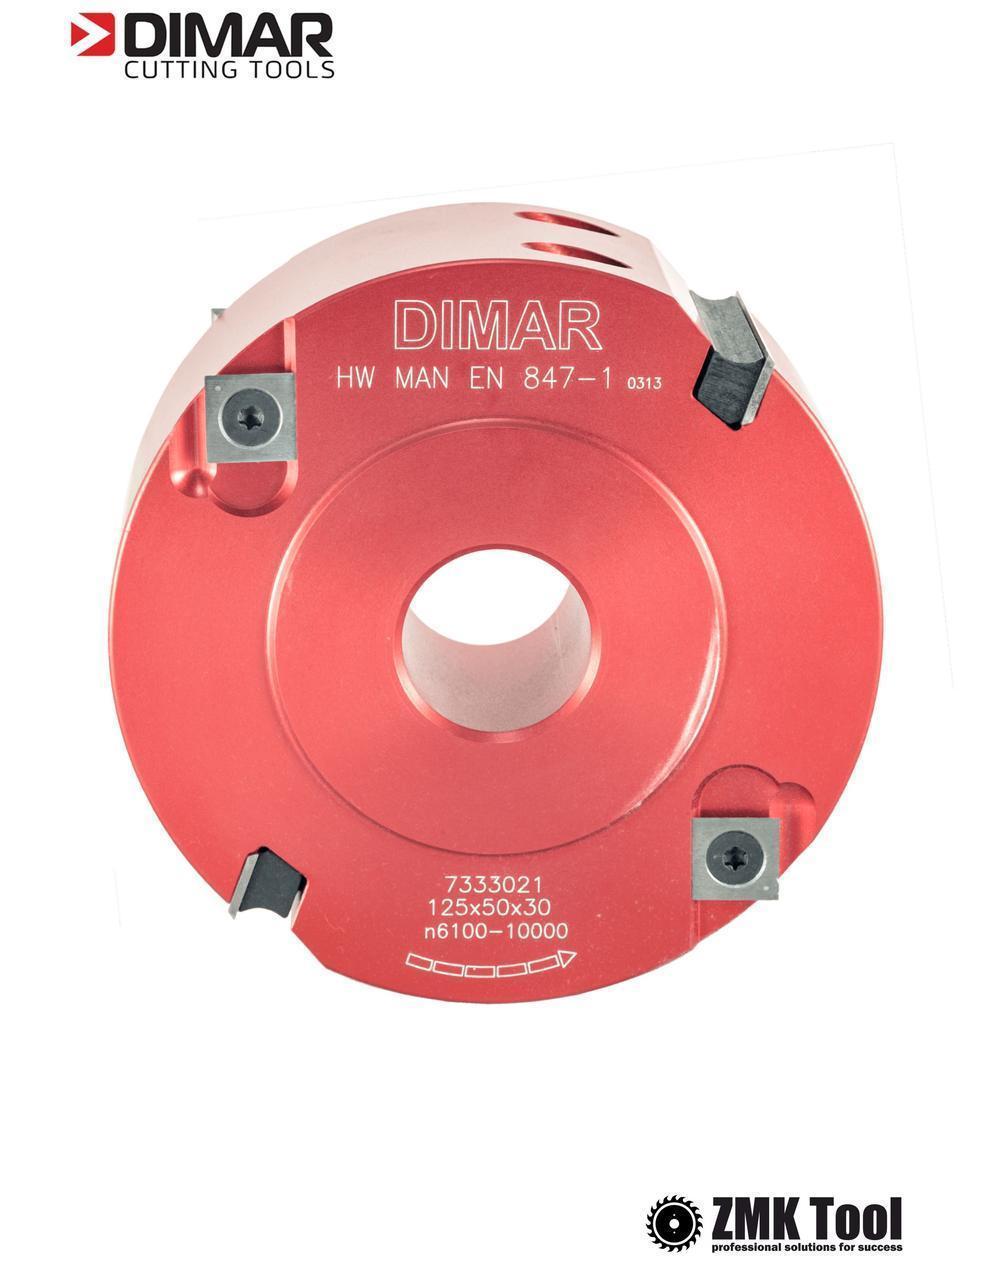 Фреза насадная DIMAR четвертная D=150 d=30-50 B=60 Z2+4 tmax=27 с аксиальным углом 10°. алюминиевый корпус